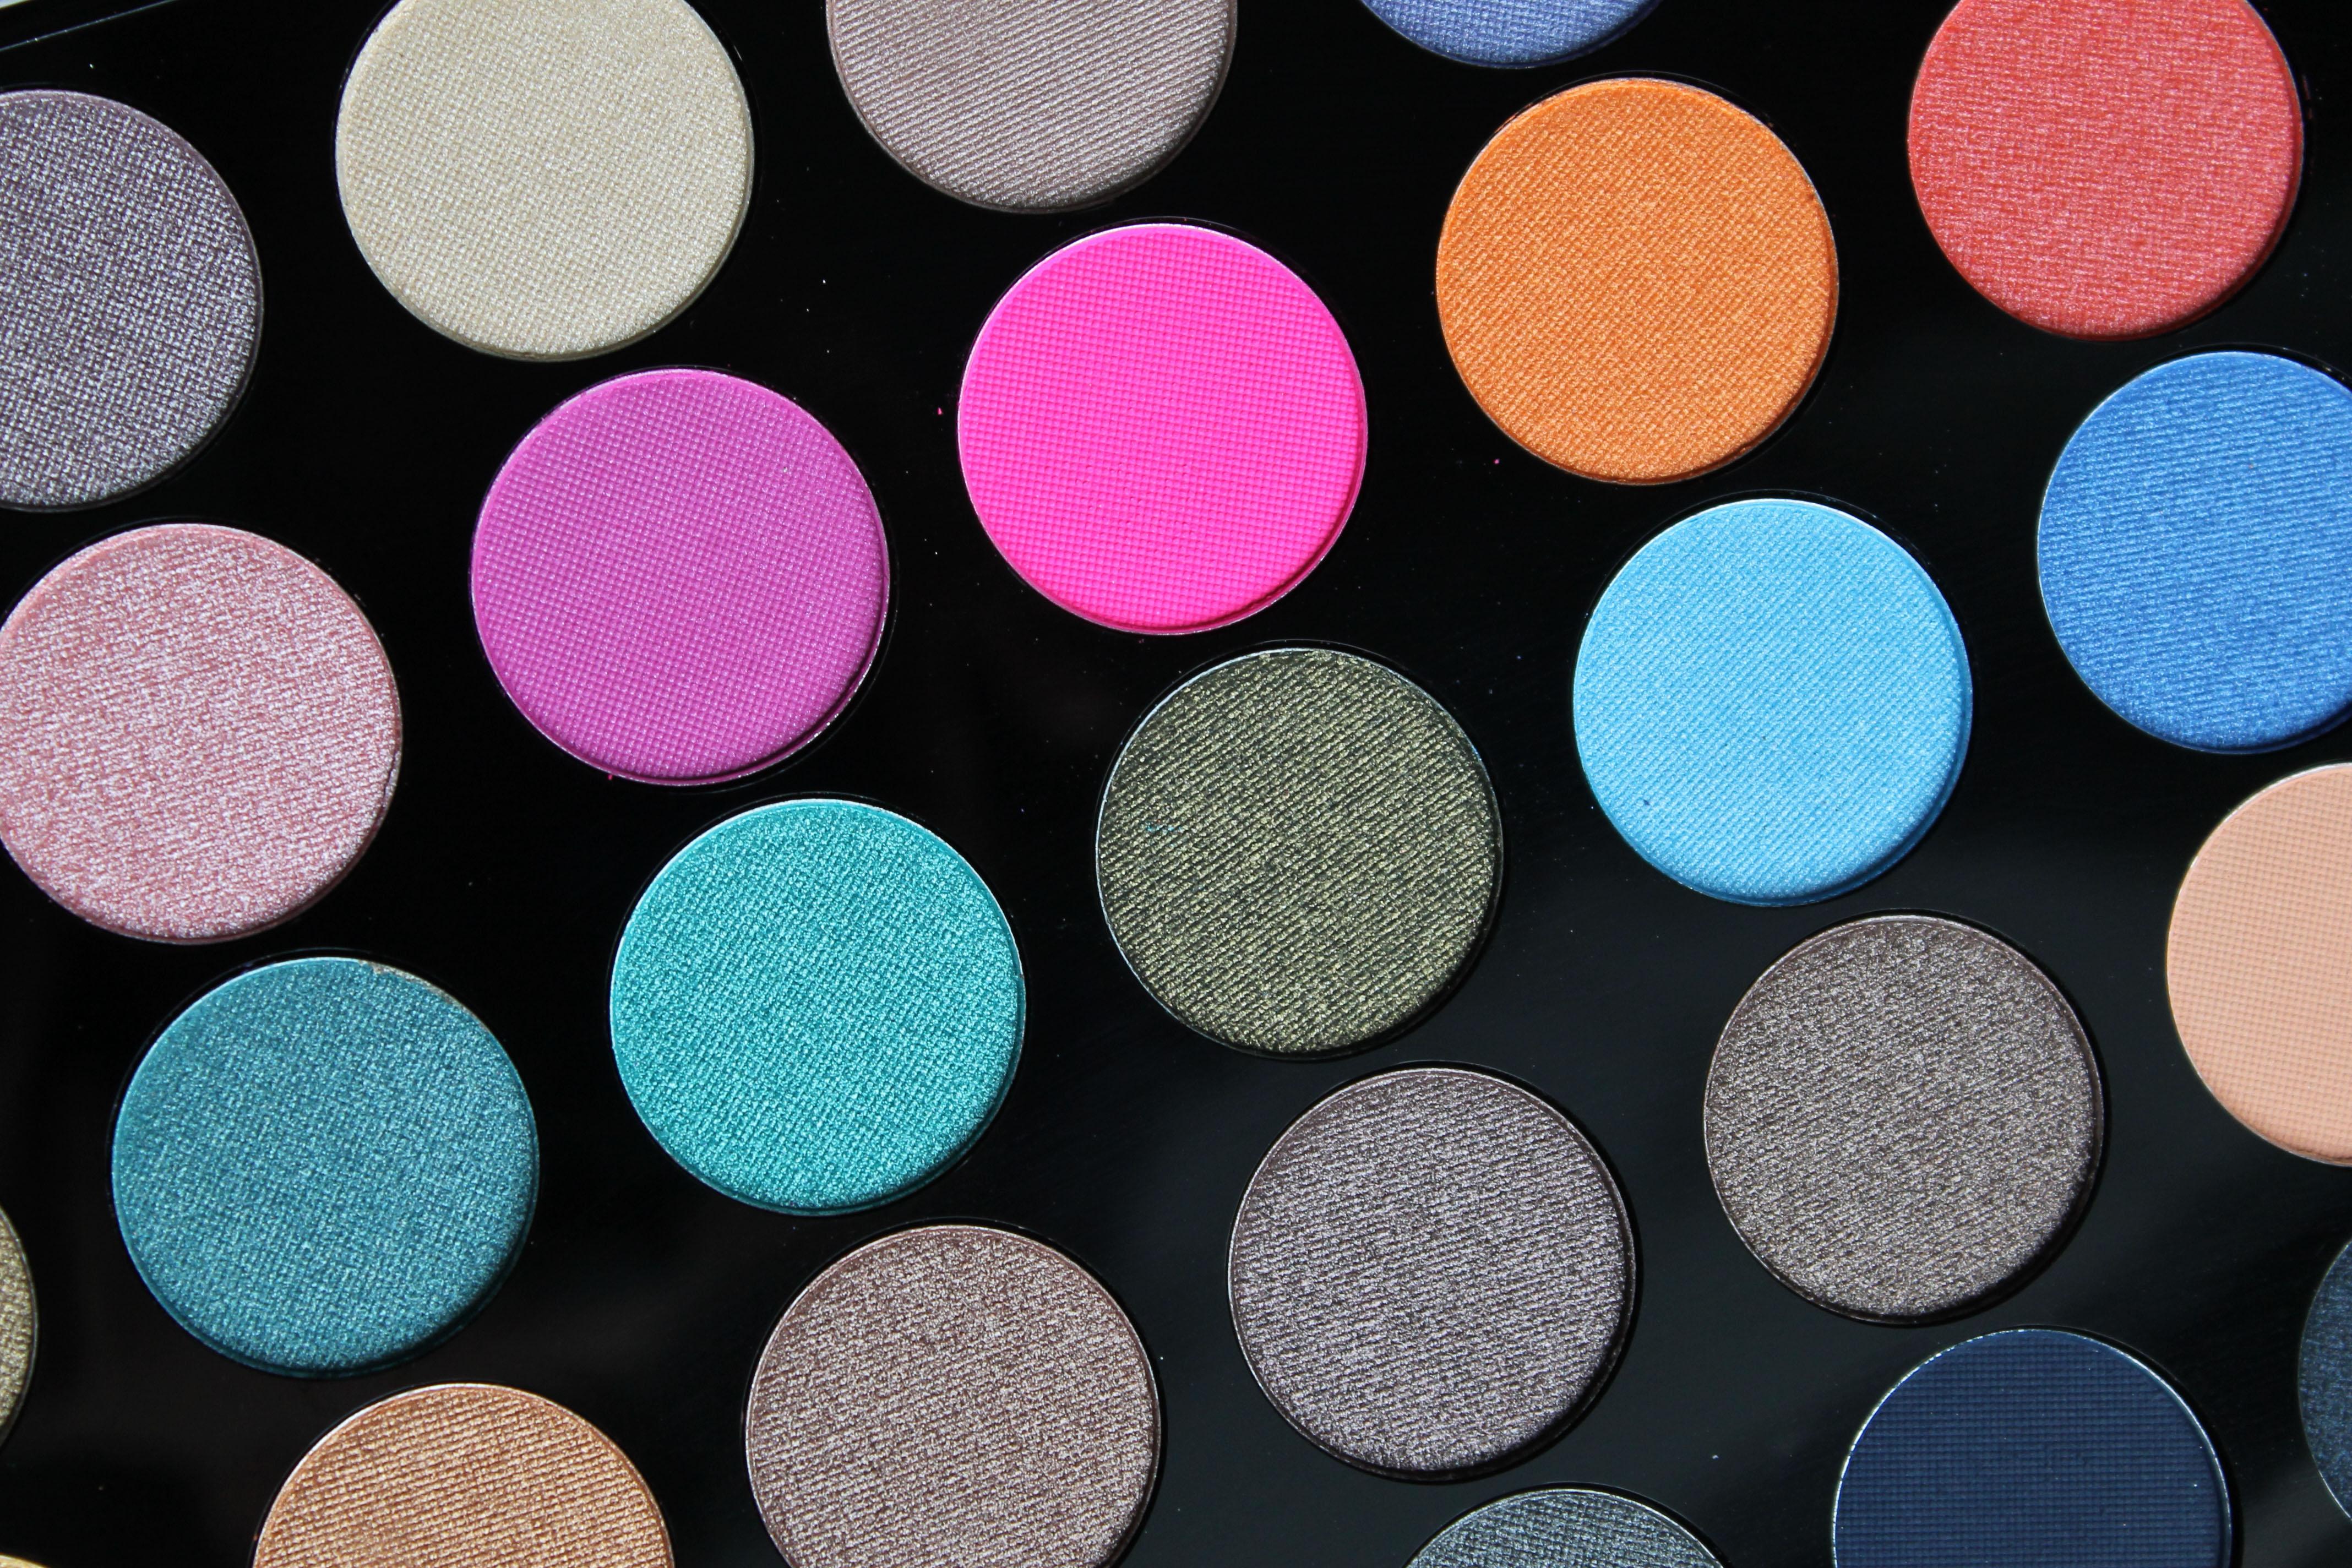 paletka barevných očních stínů